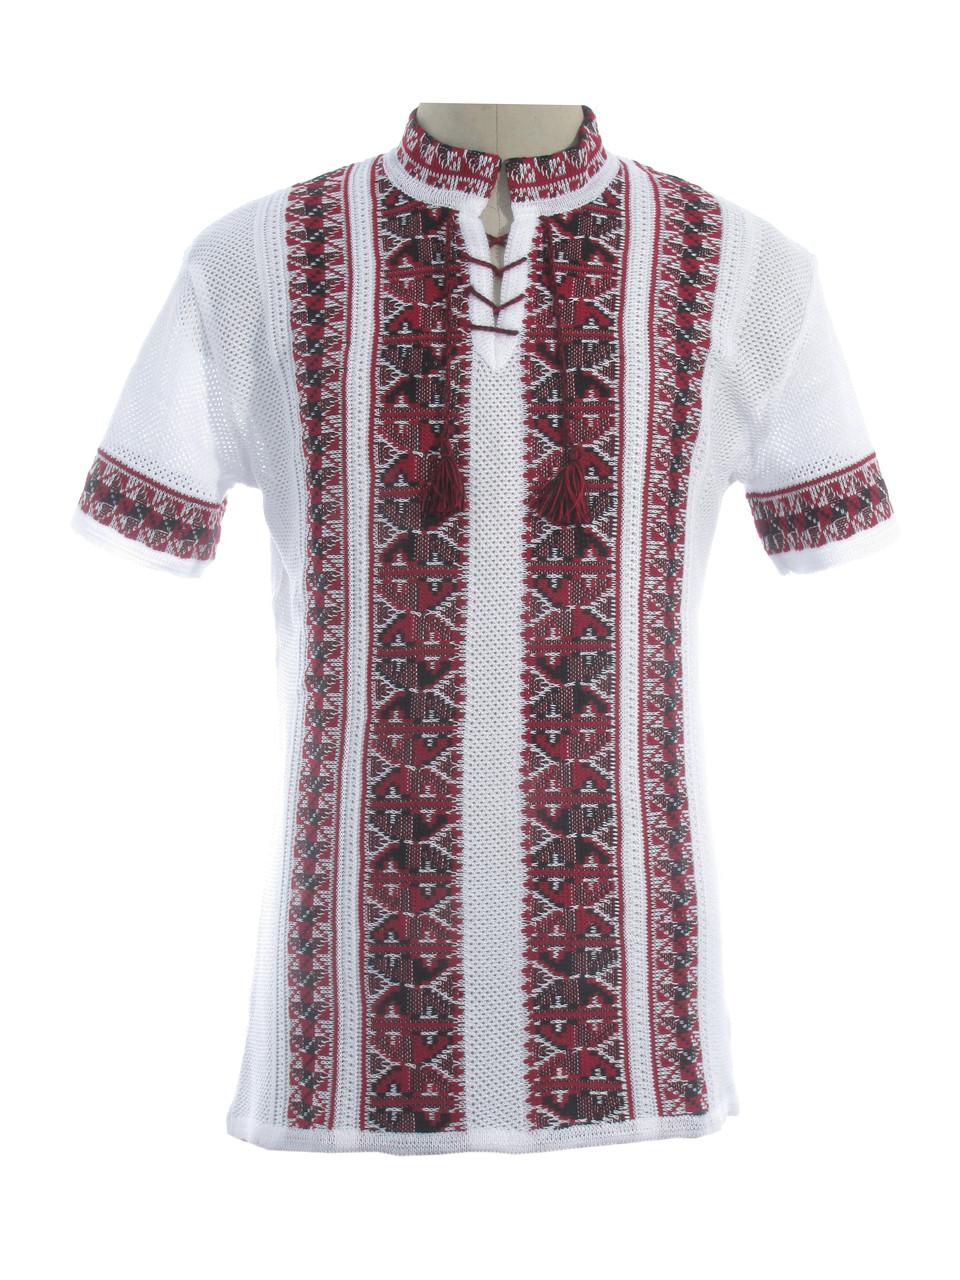 Мужская вязаная рубашка 20282 (короткий рукав) (х/б)